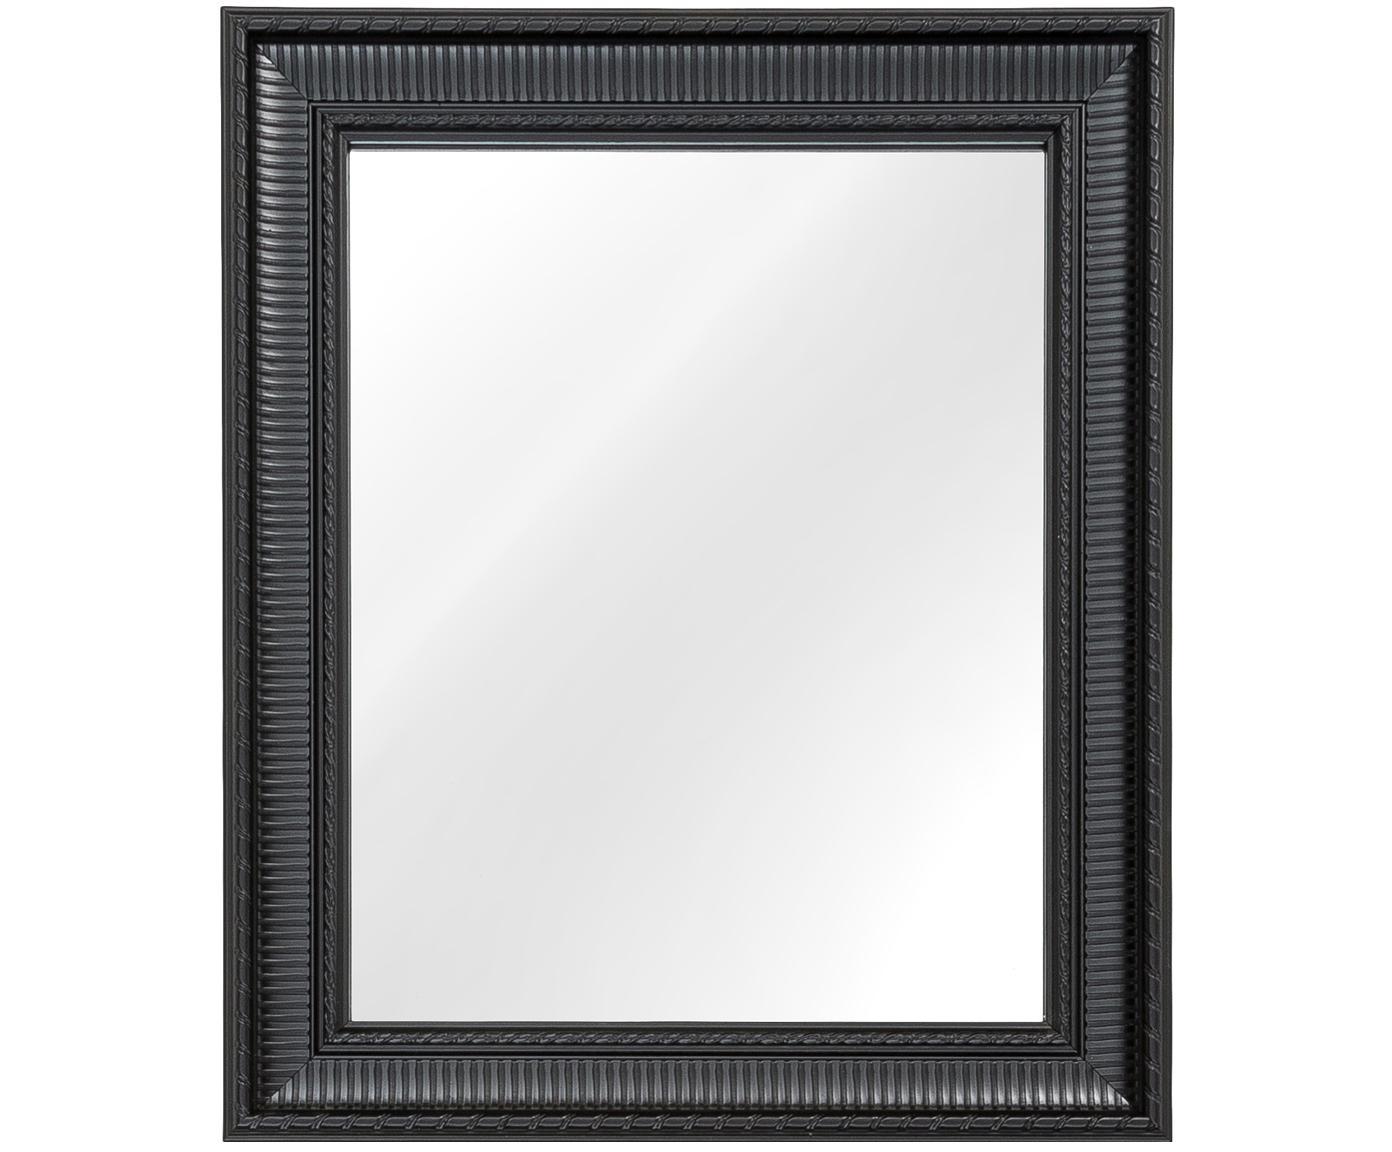 Specchio da parete con cornice Paris, Cornice: poliuretano, Superficie dello specchio: lastra di vetro, Cornice: nero Superficie dello specchio: lastra di vetro, Larg. 52 x Alt. 62 cm